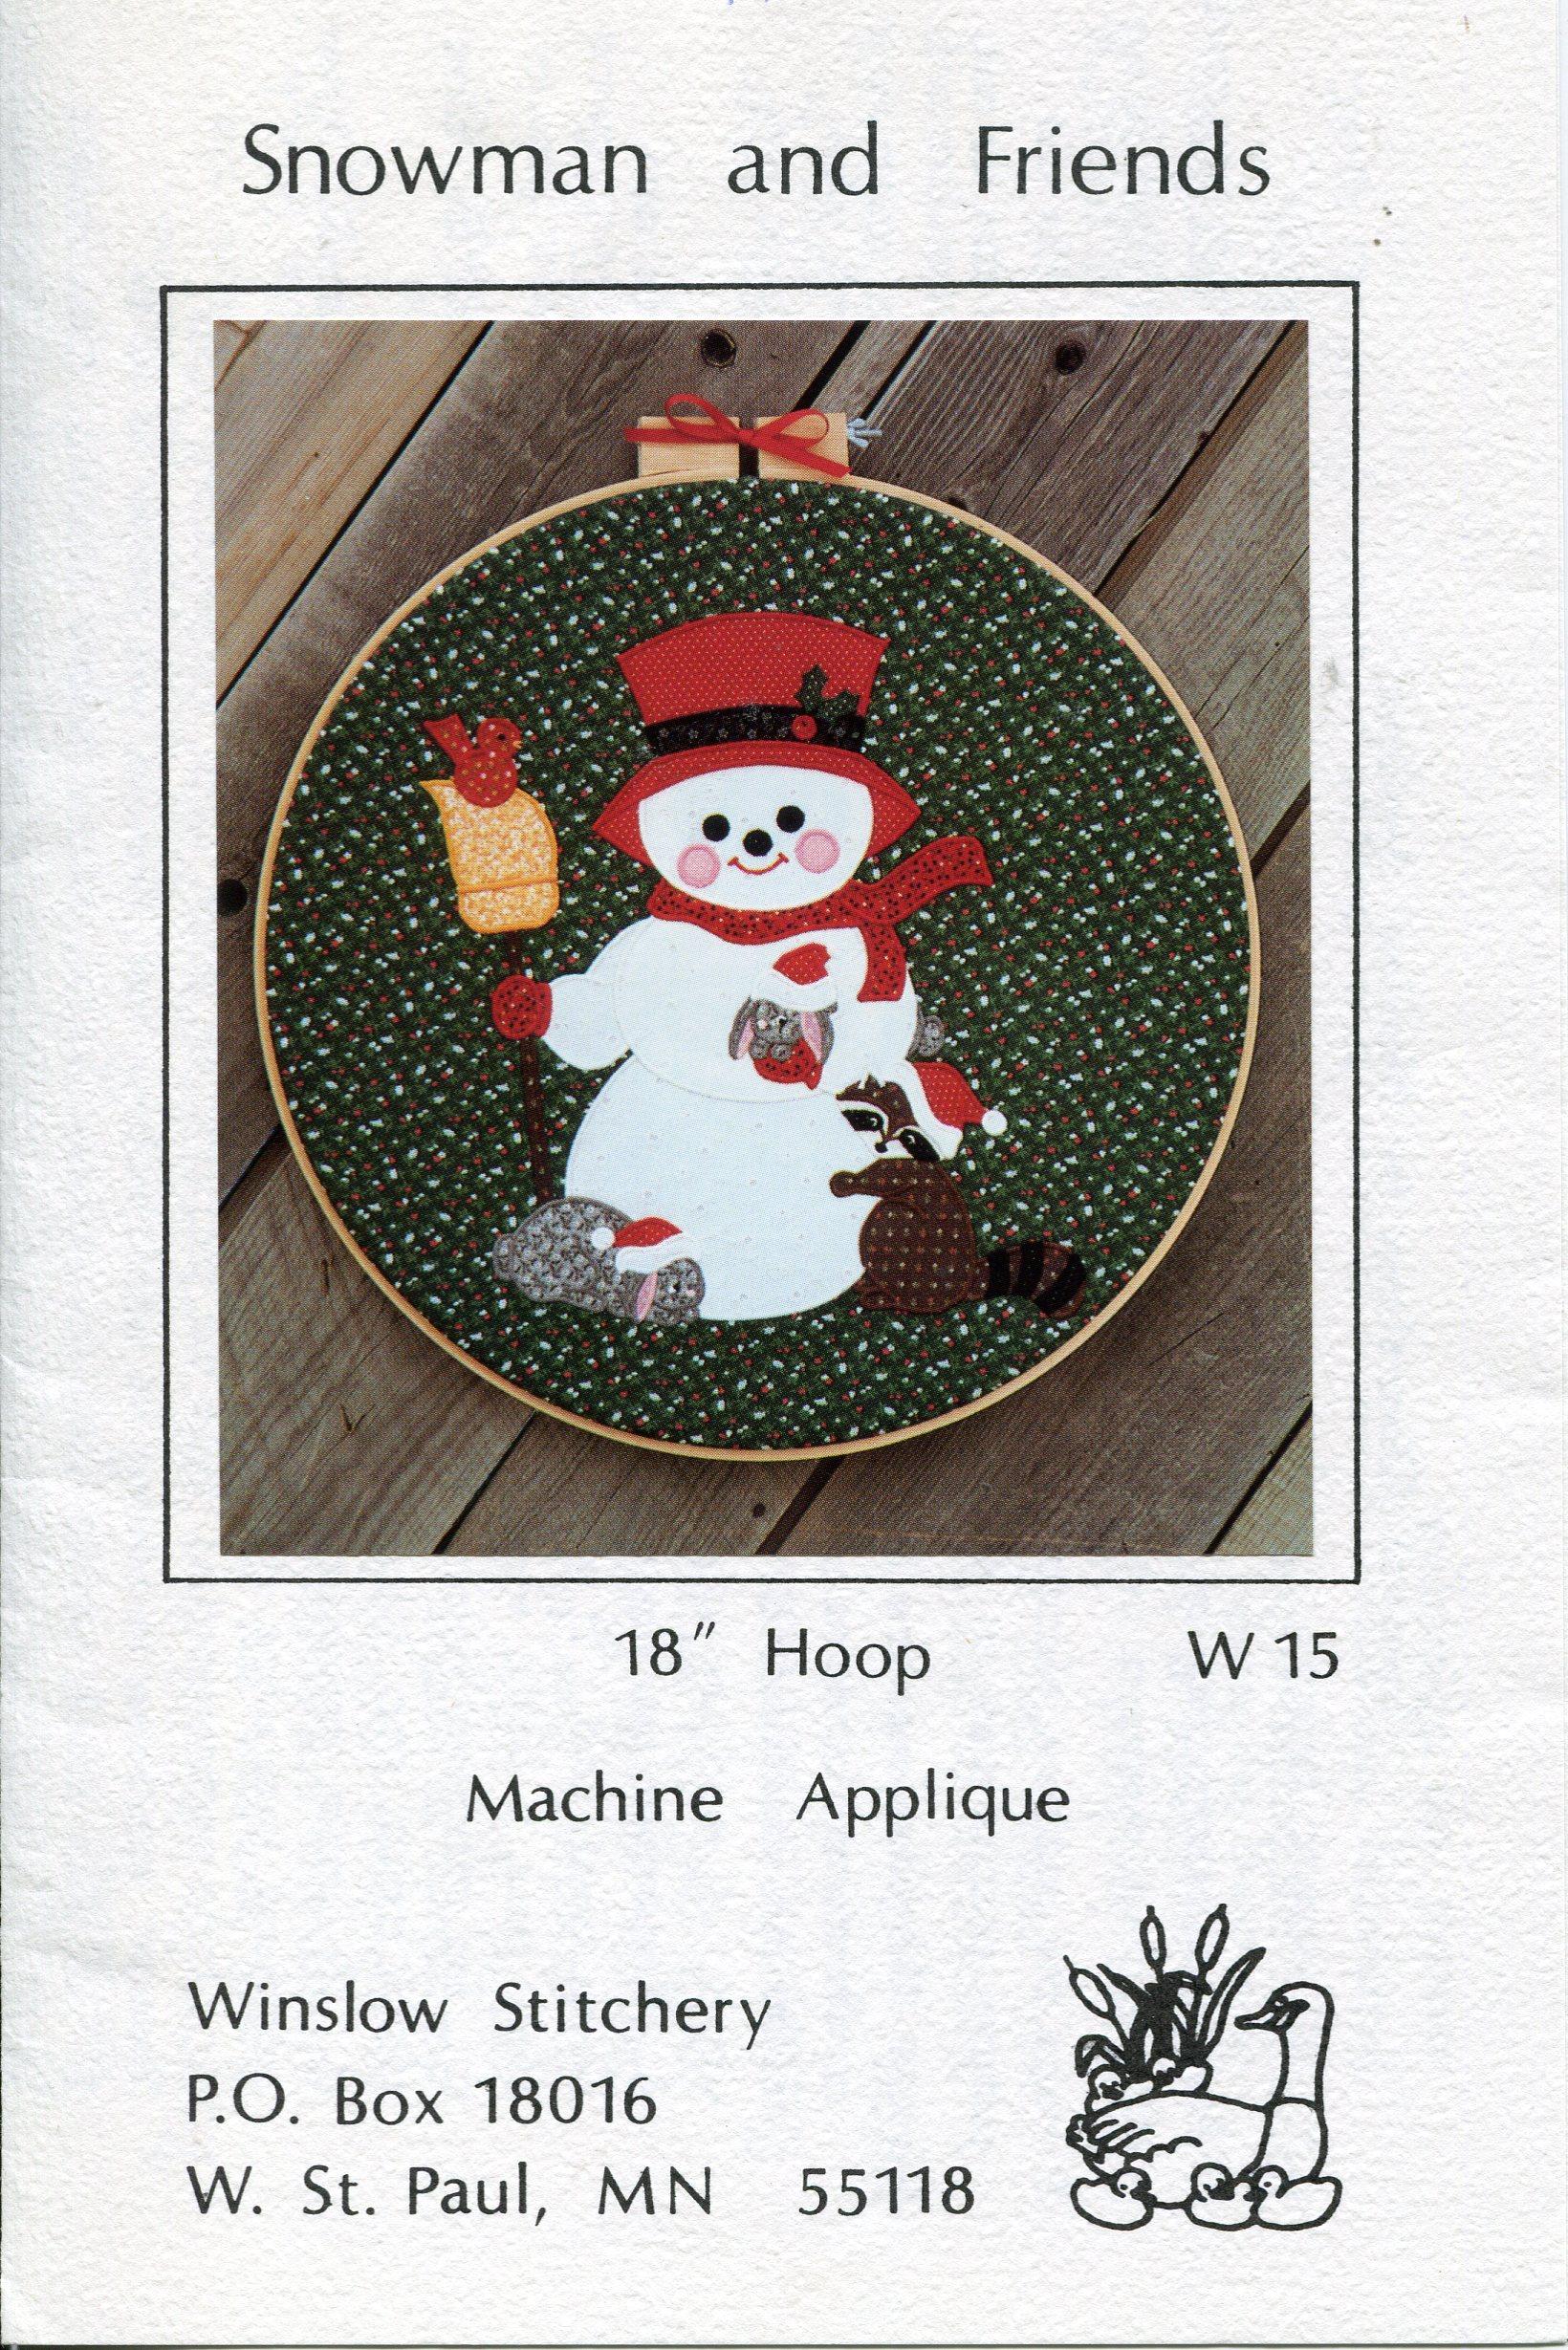 Winslow Stitchery W15